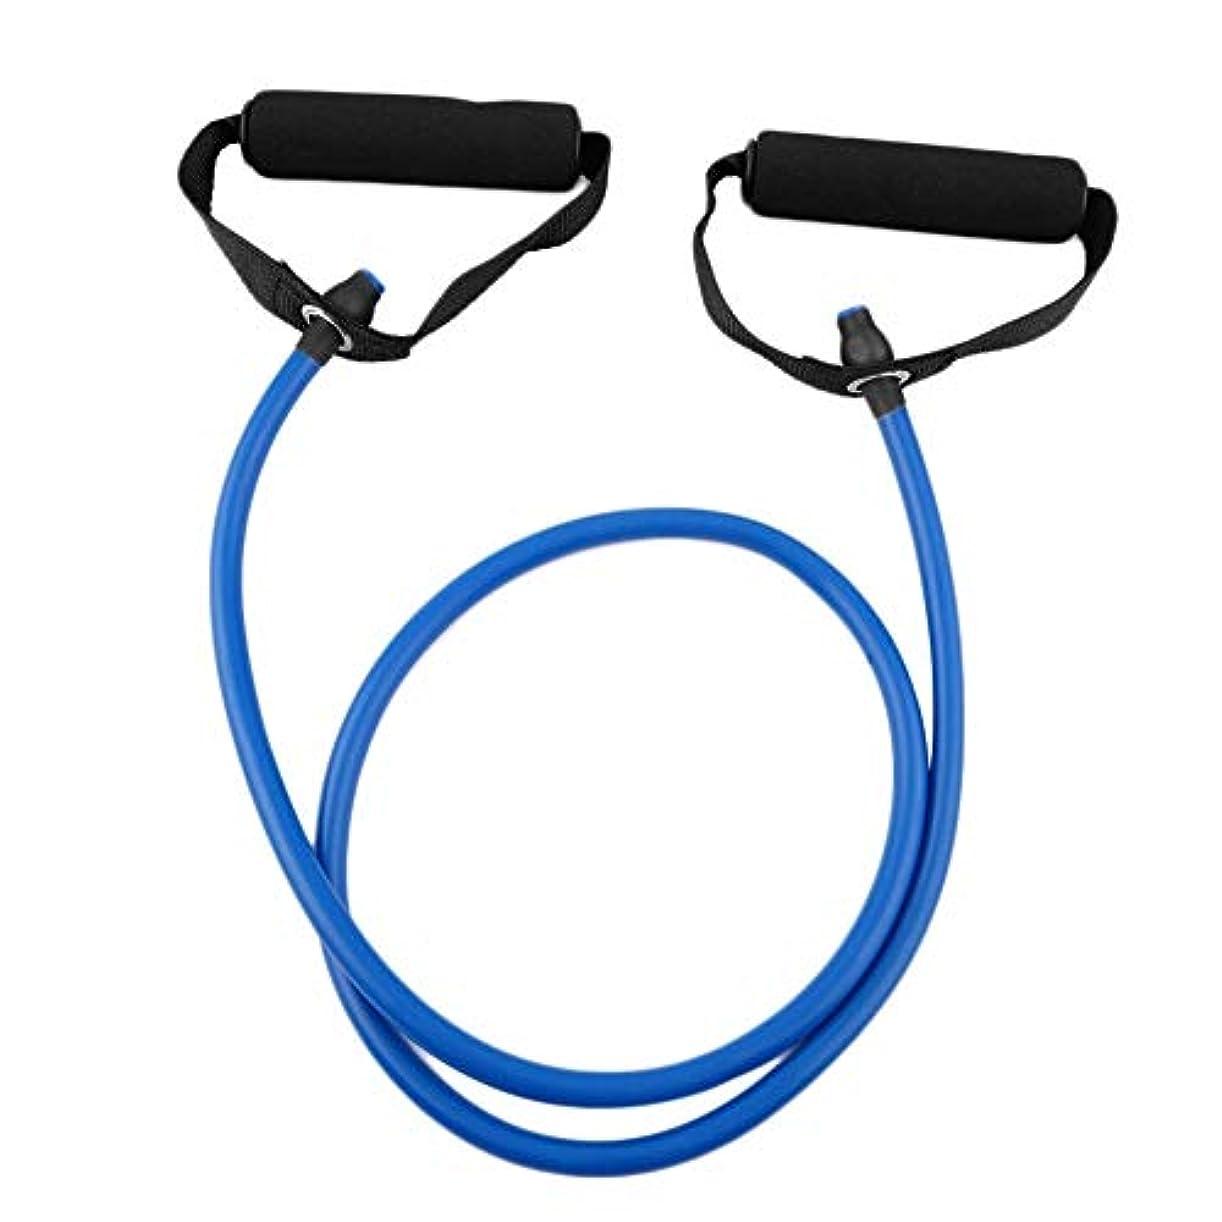 ブランド名コカインキャプテンフィットネス抵抗バンドロープチューブ弾性運動用ヨガピラティスワークアウトホームスポーツプルロープジムエクササイズツール(Color:blue)